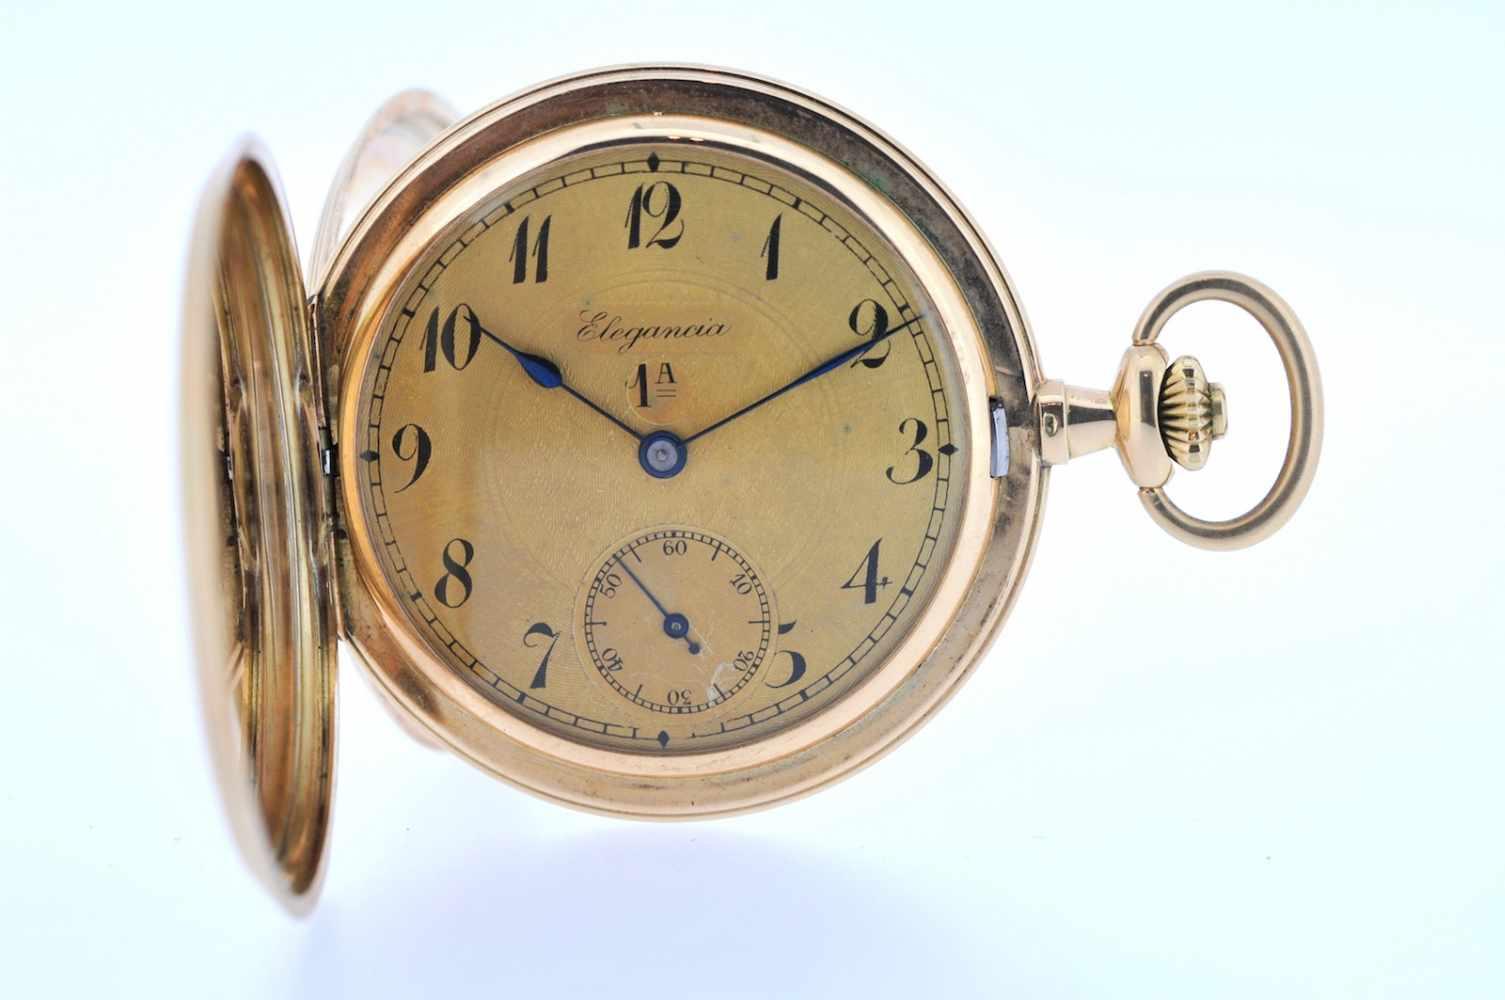 Goldene Herrentaschenuhr Goldene Herrentaschenuhr mit kleiner Sekunde, Elegancia, Breguetspirale,